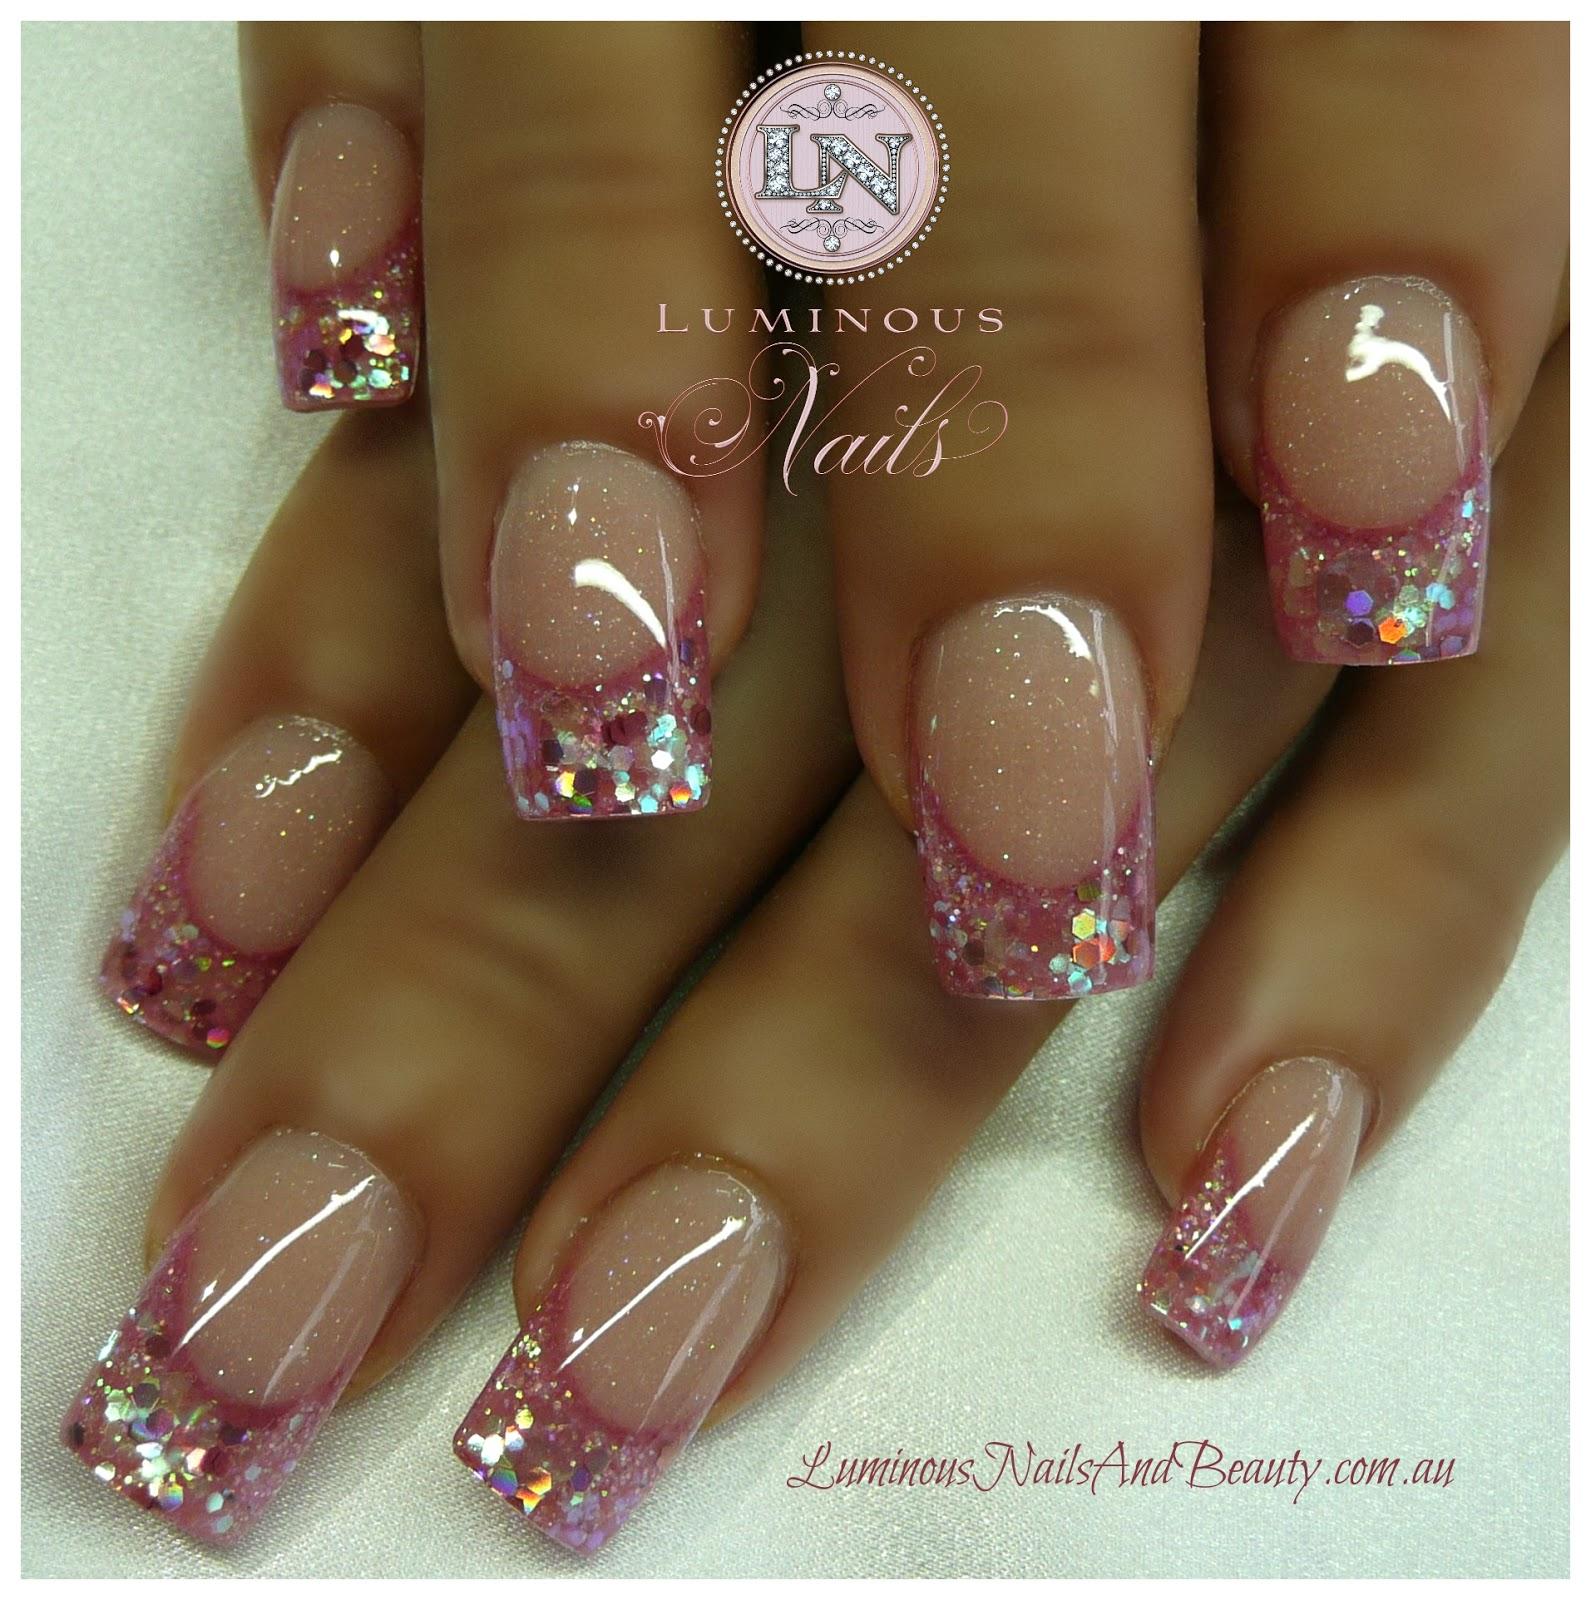 Pink Acrylic Nail Designs: Luminous Nails: December 2012